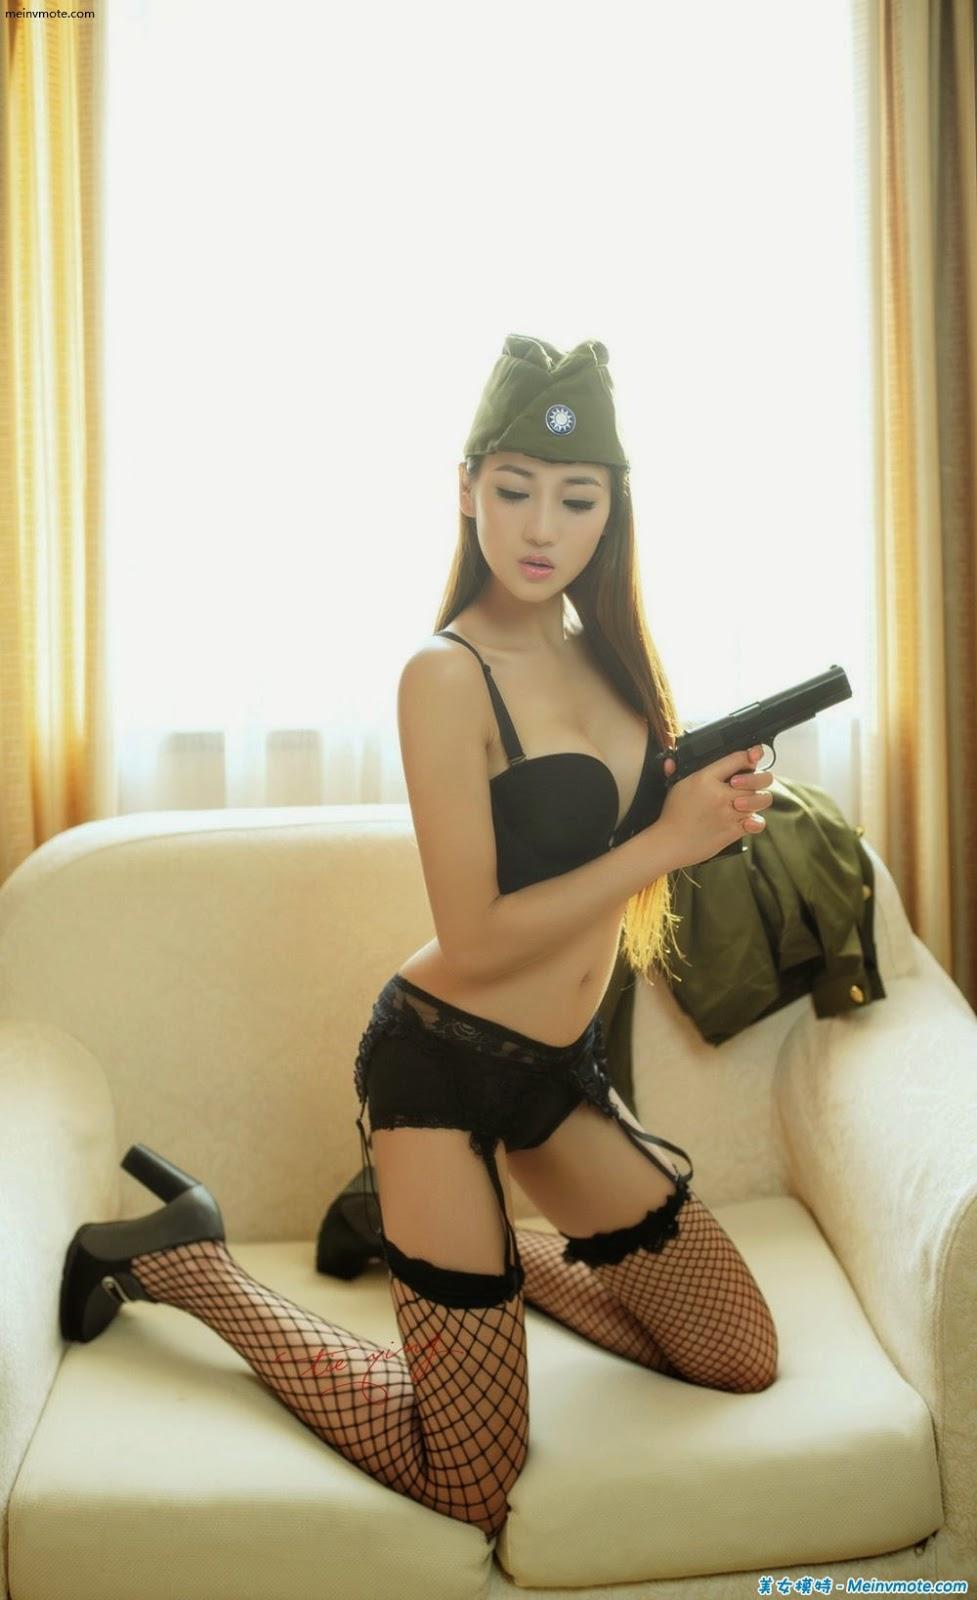 Need female military style flower lingerie garter belt